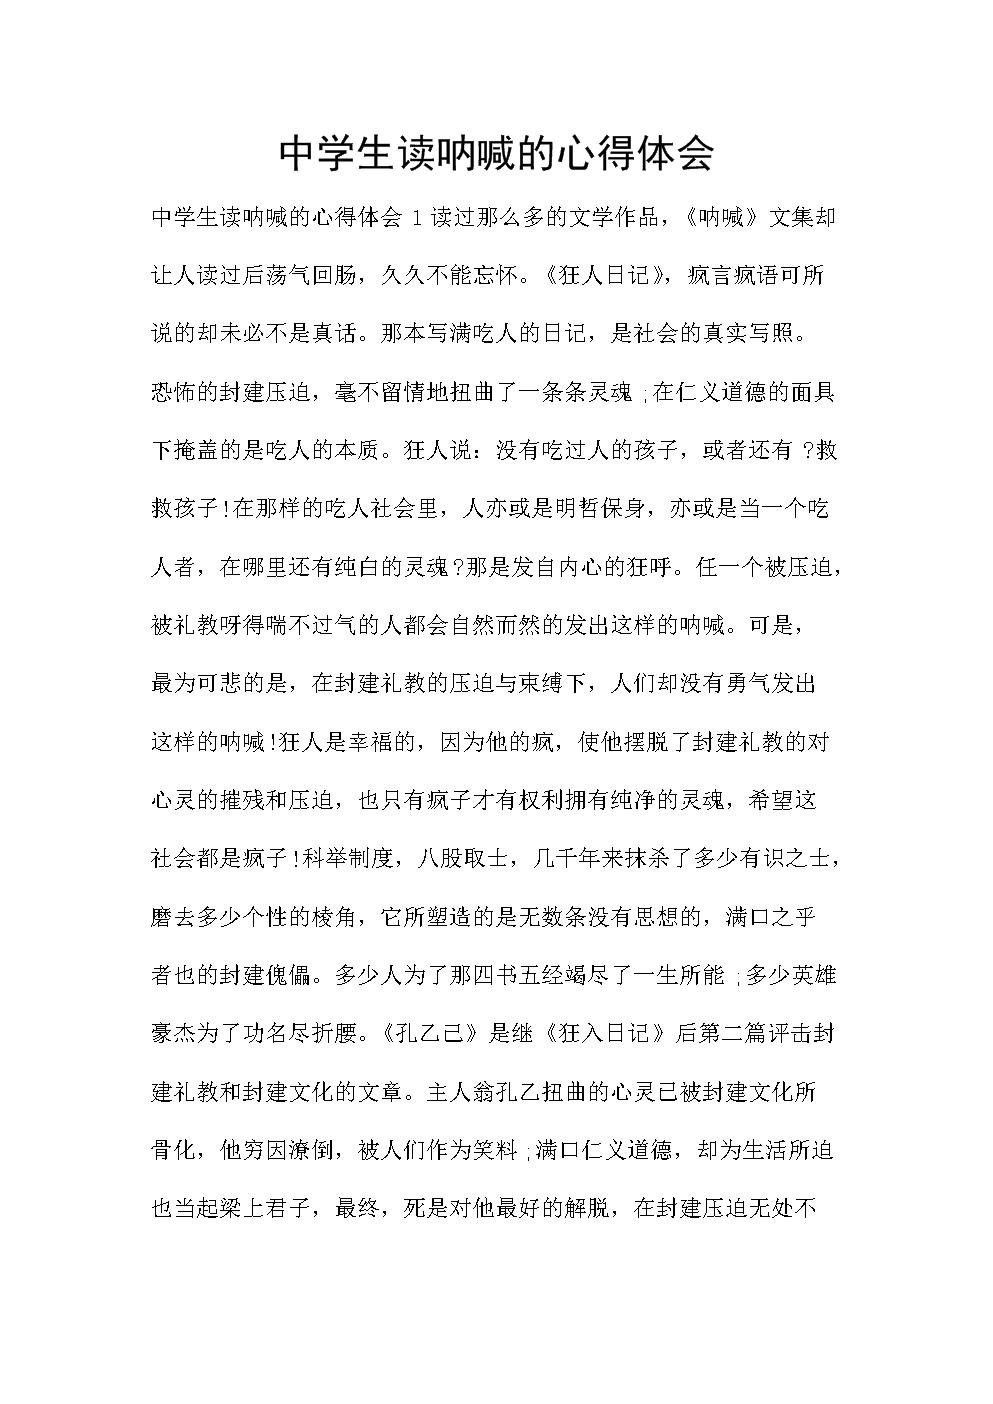 中学生读呐喊的心得体会.doc